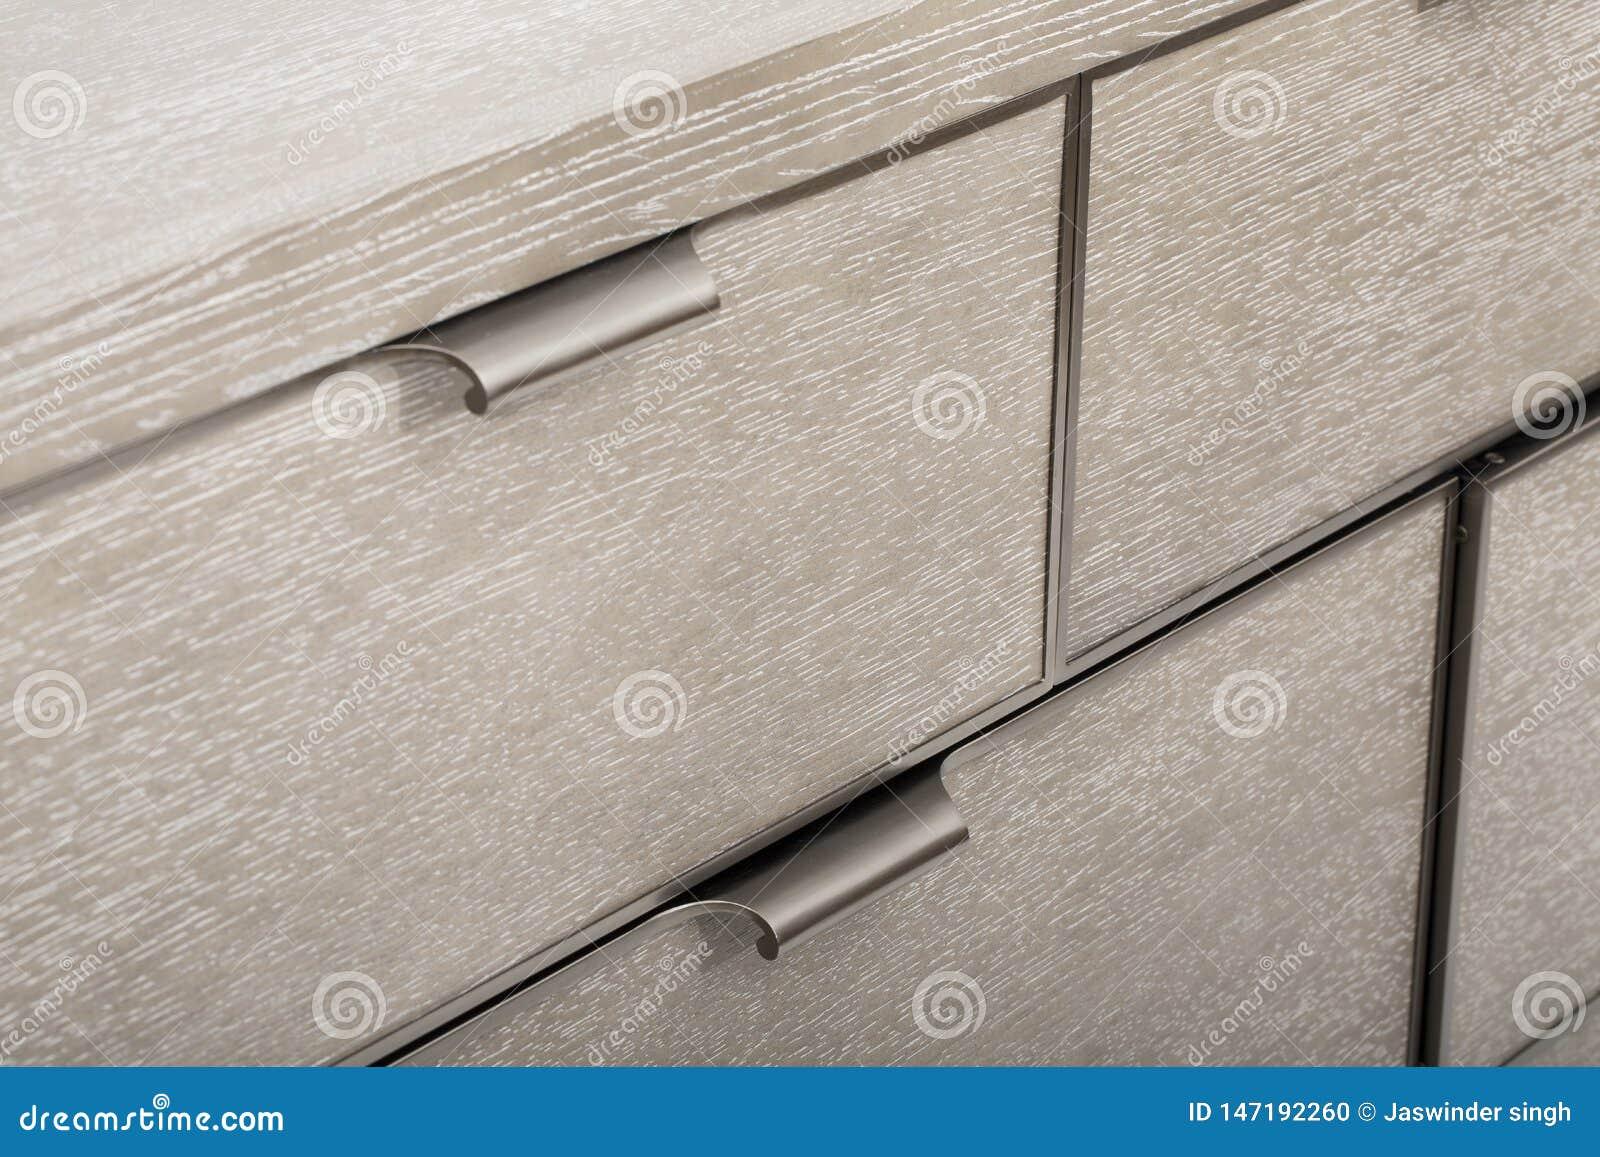 Tabela de madeira isolada no fundo branco - imagem